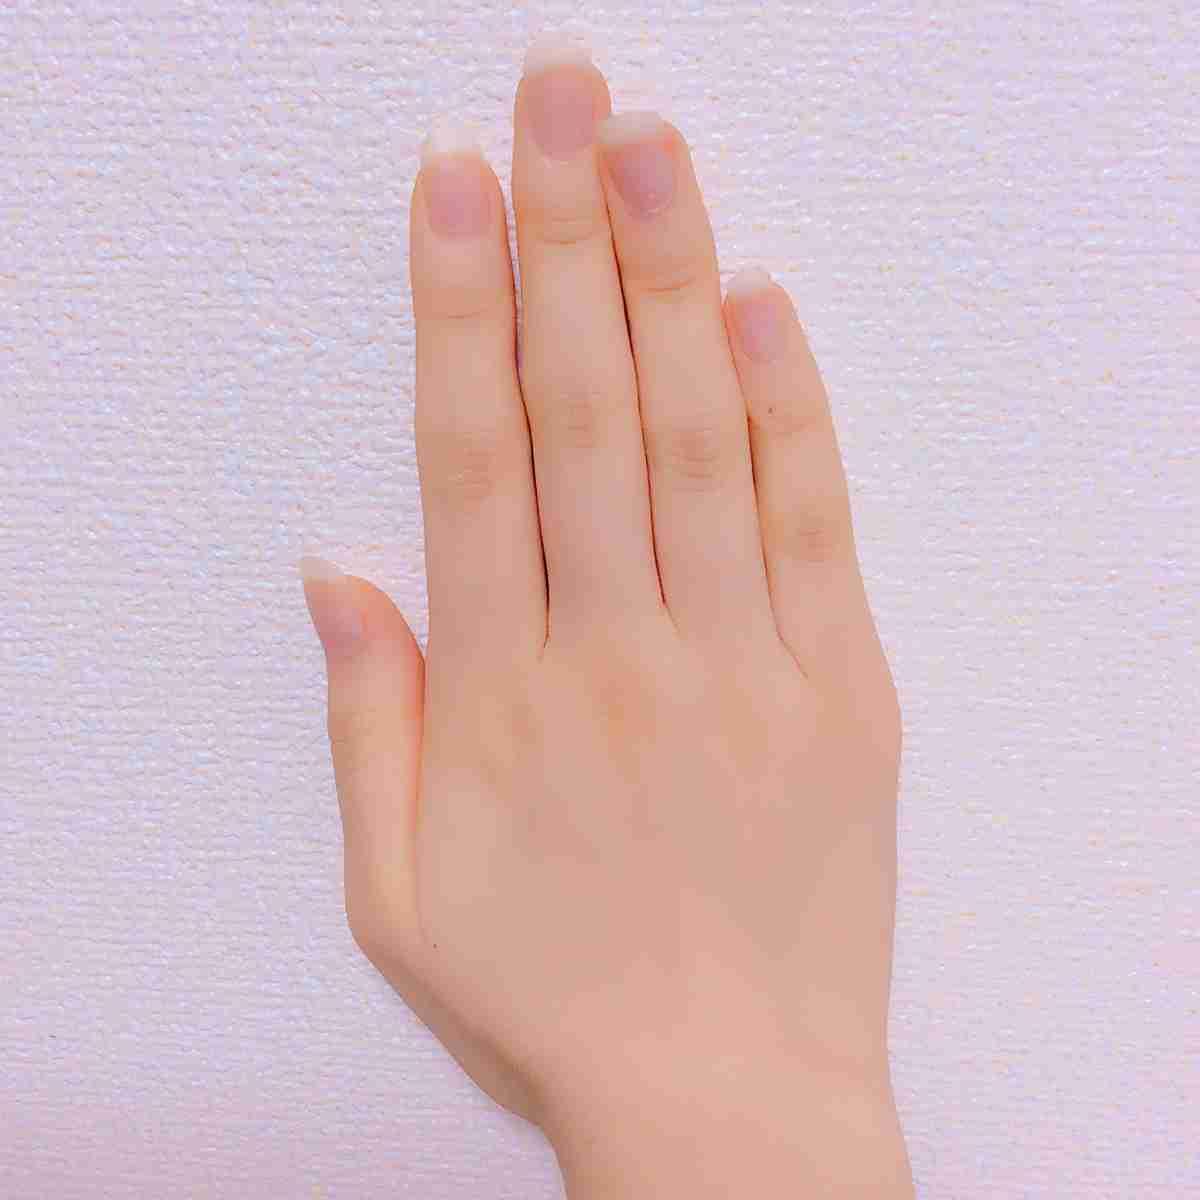 指が細い人!